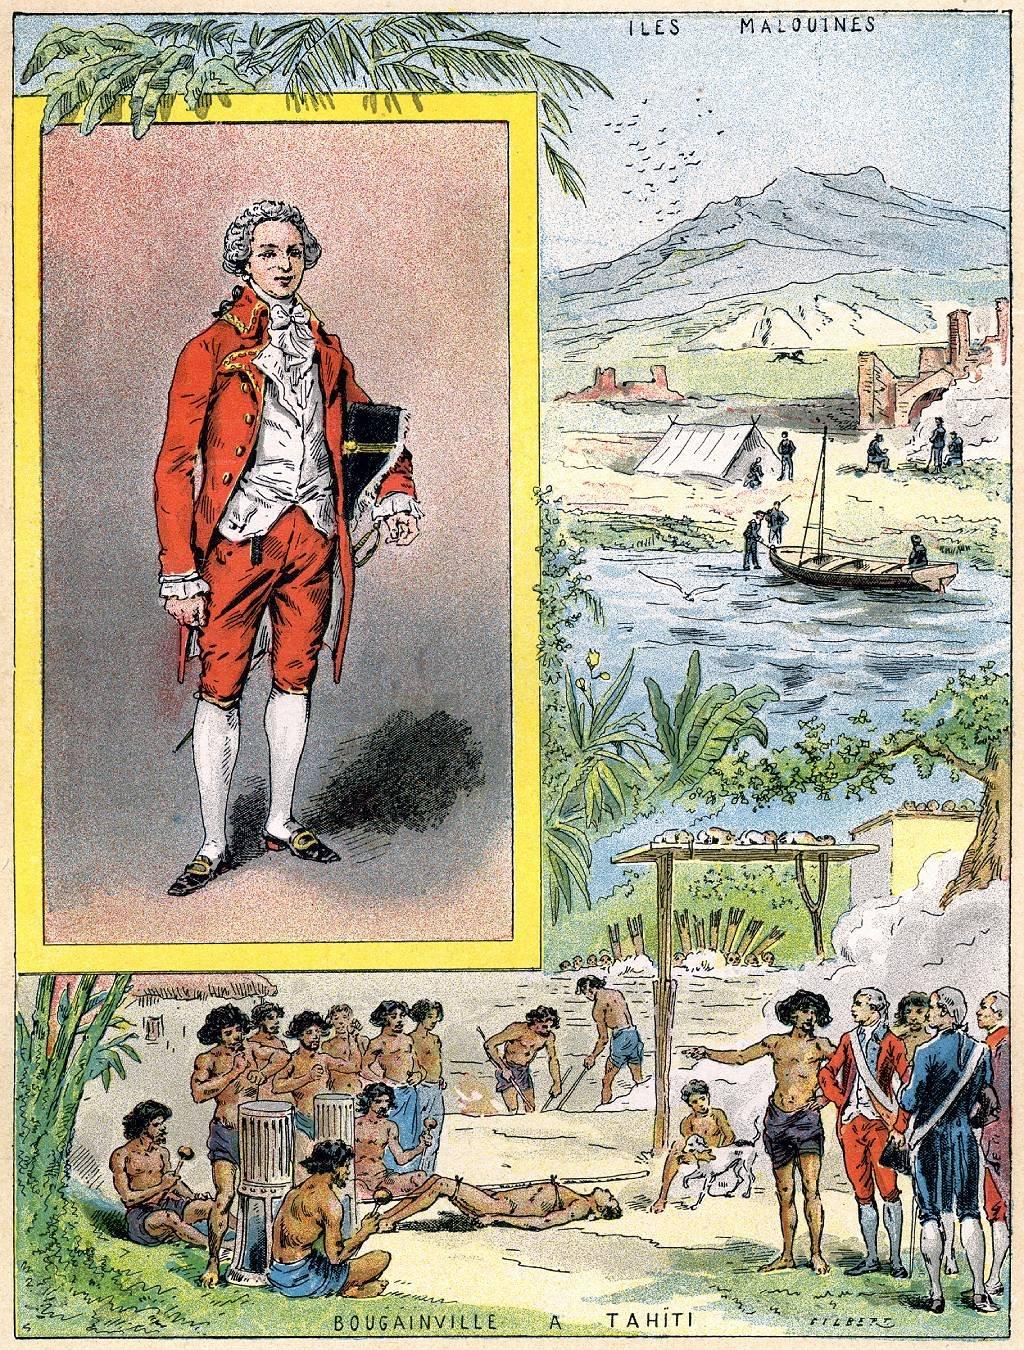 Ilustración de Louis Antoine de Bougainville en Tahití hecha por el artista Gilbert en 1898.